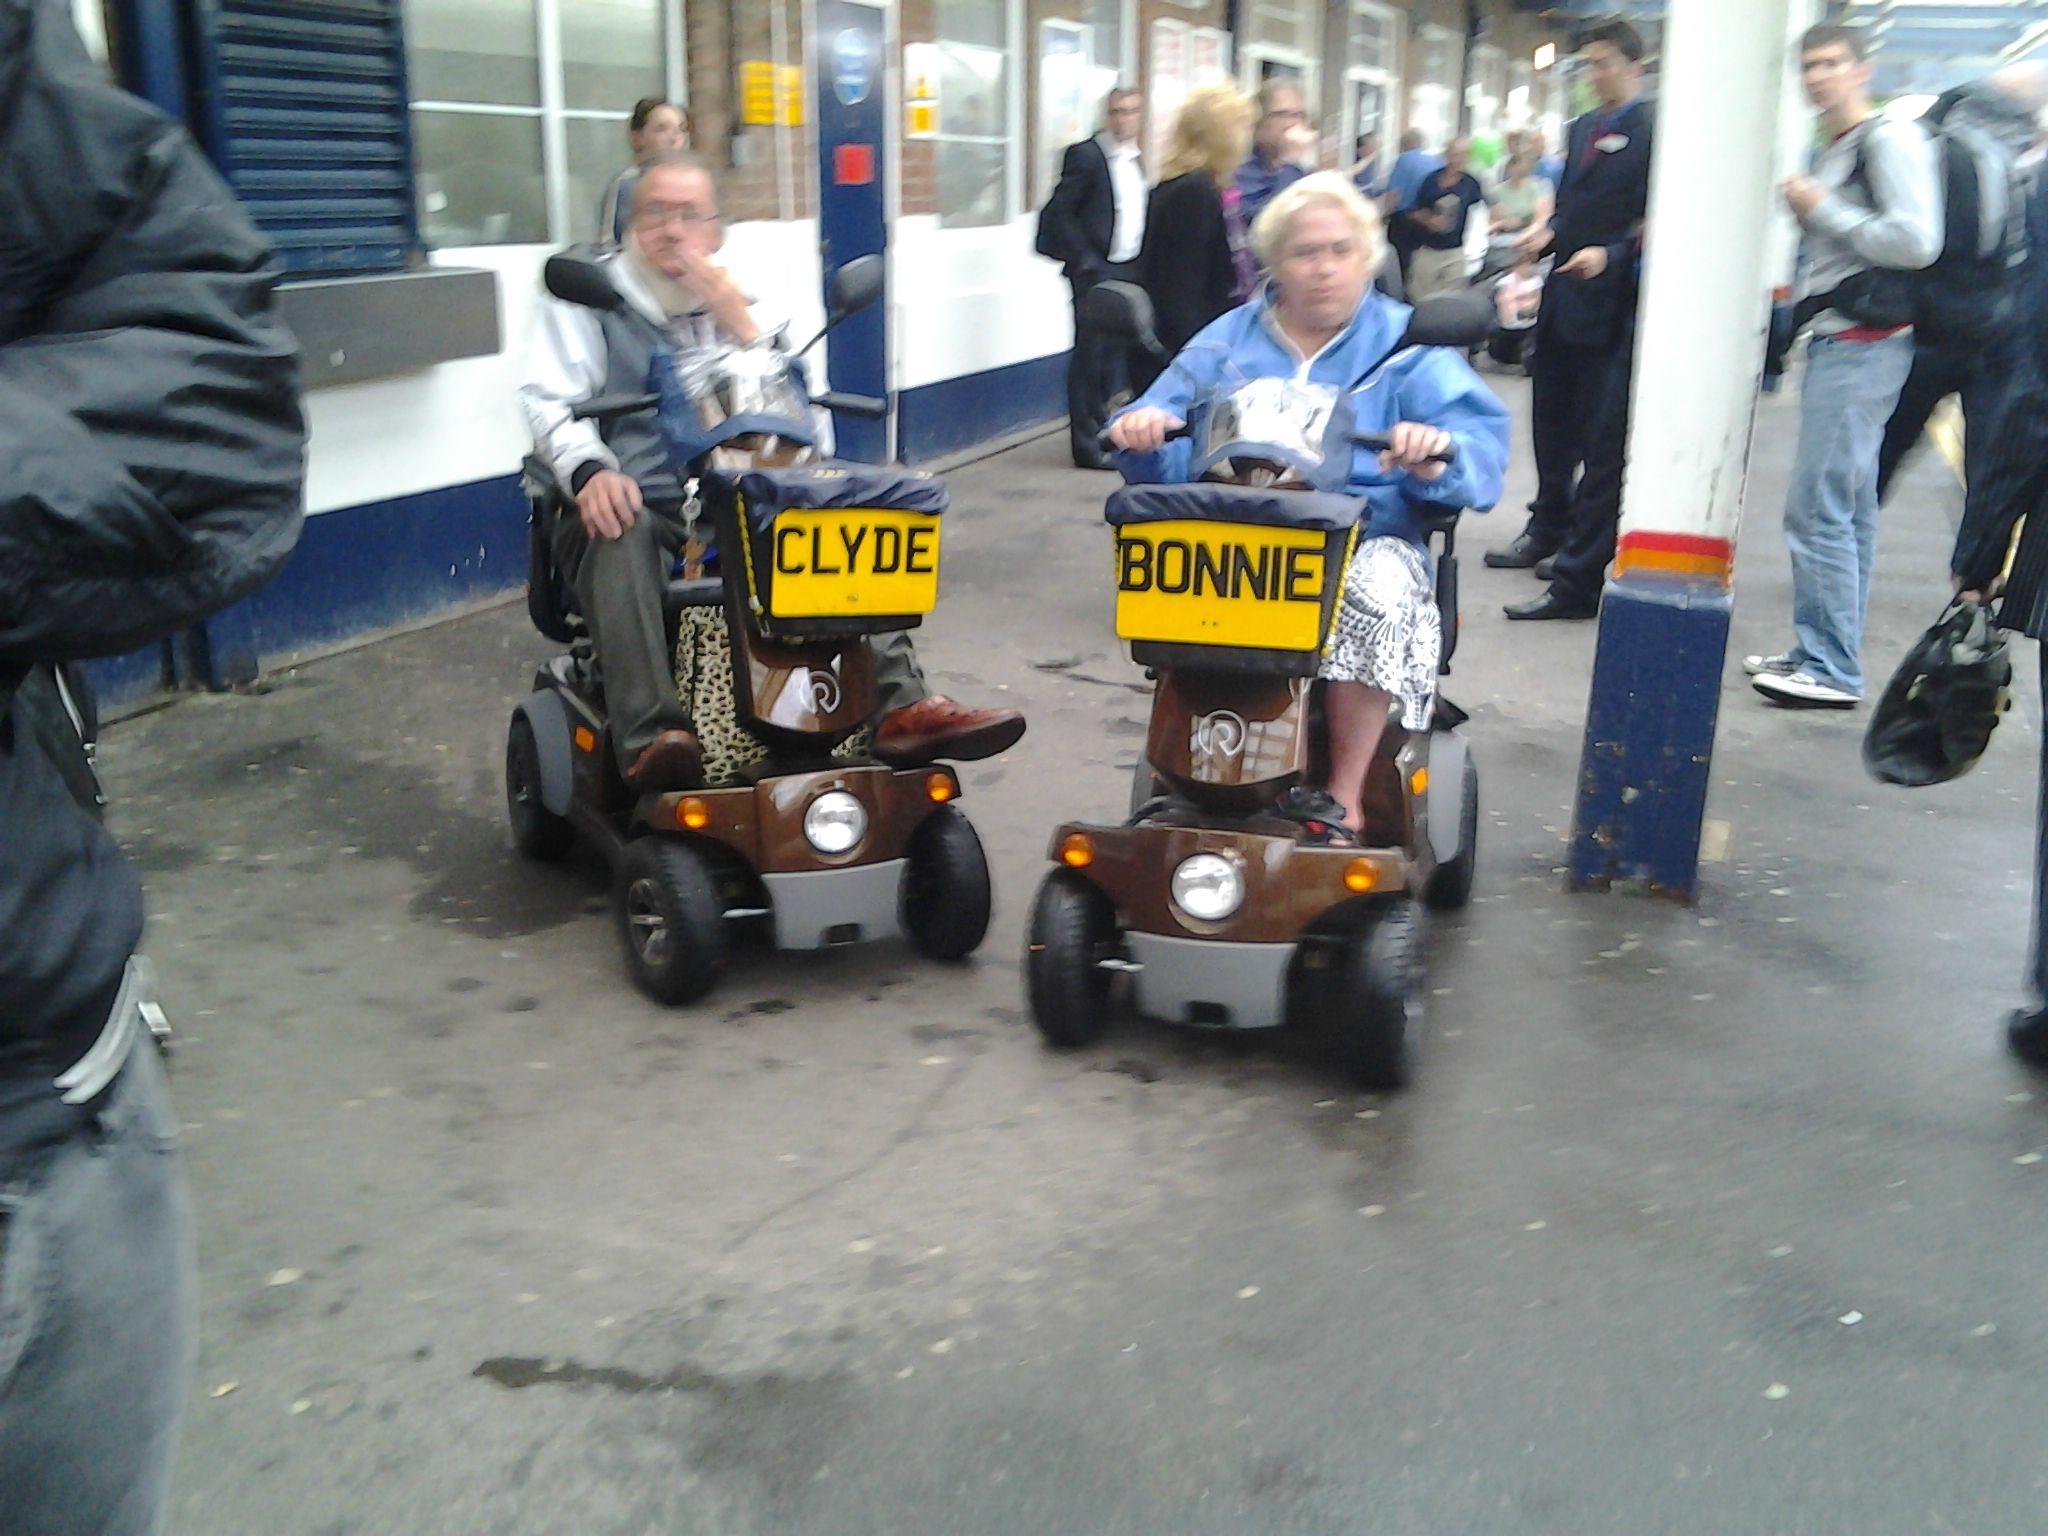 Ezek a nyugdíjasok tudják, hogyan kell élni - vicces fotók